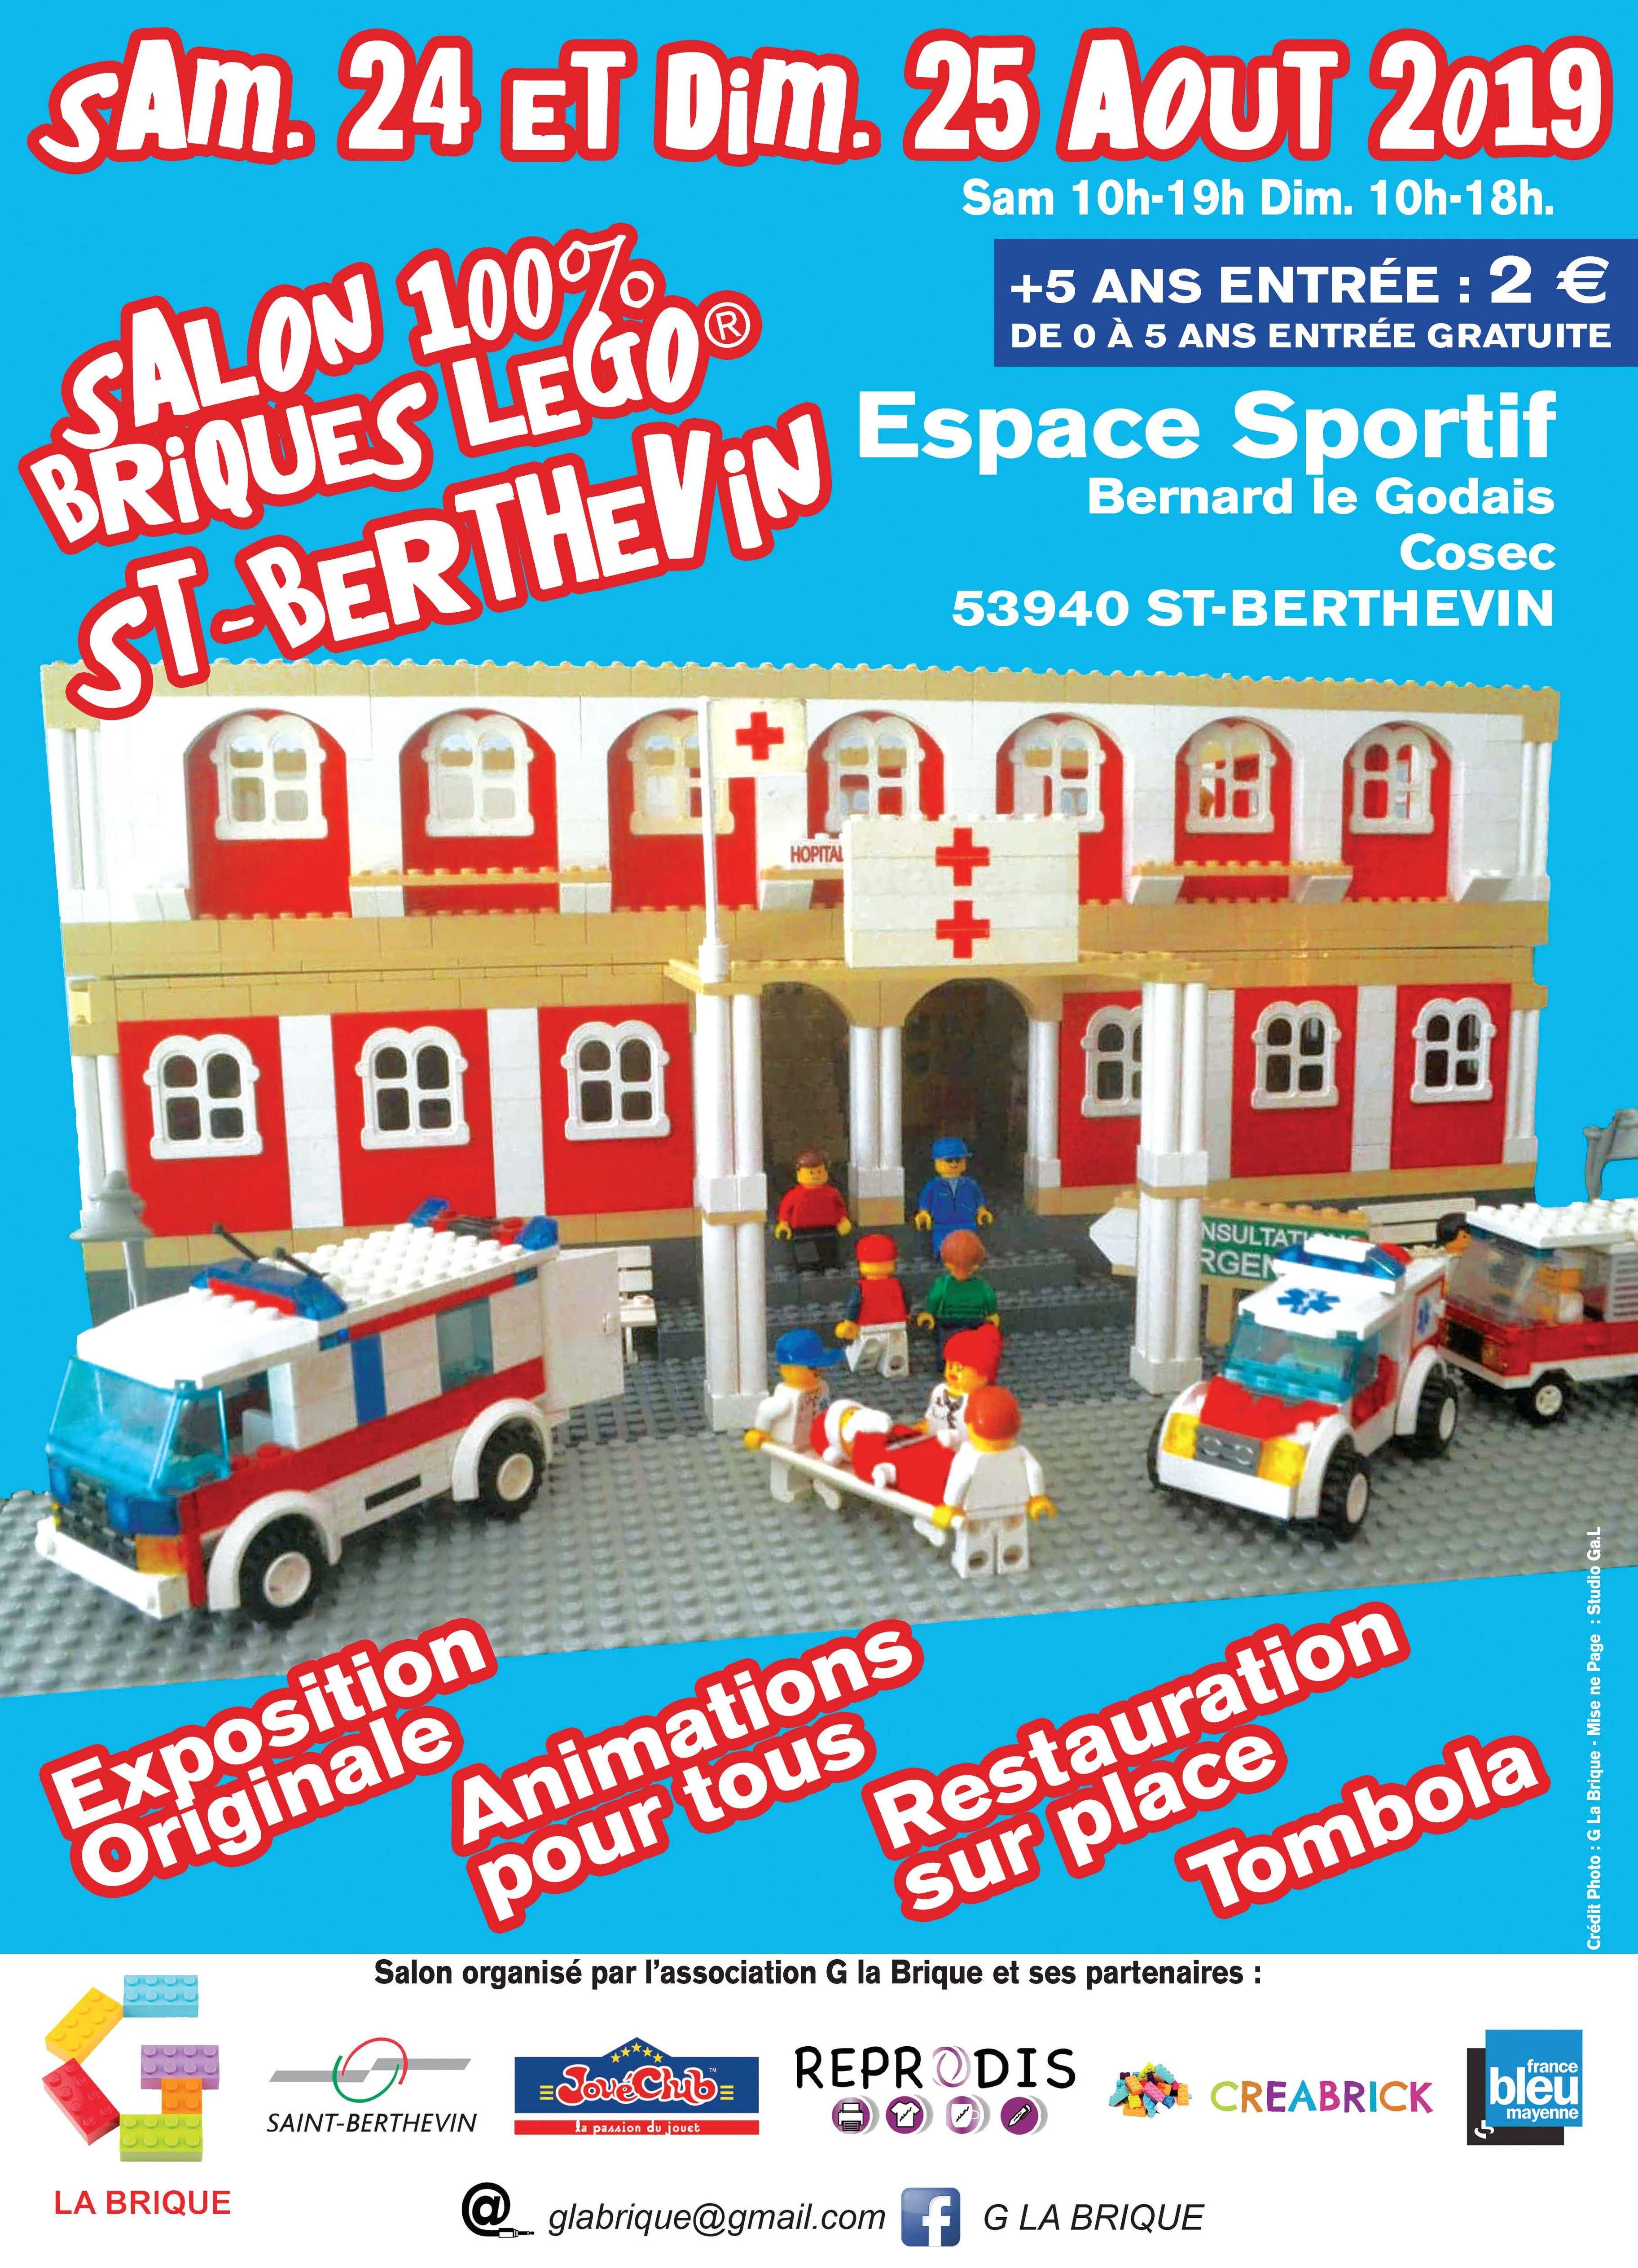 Salon 100% Briques Lego®